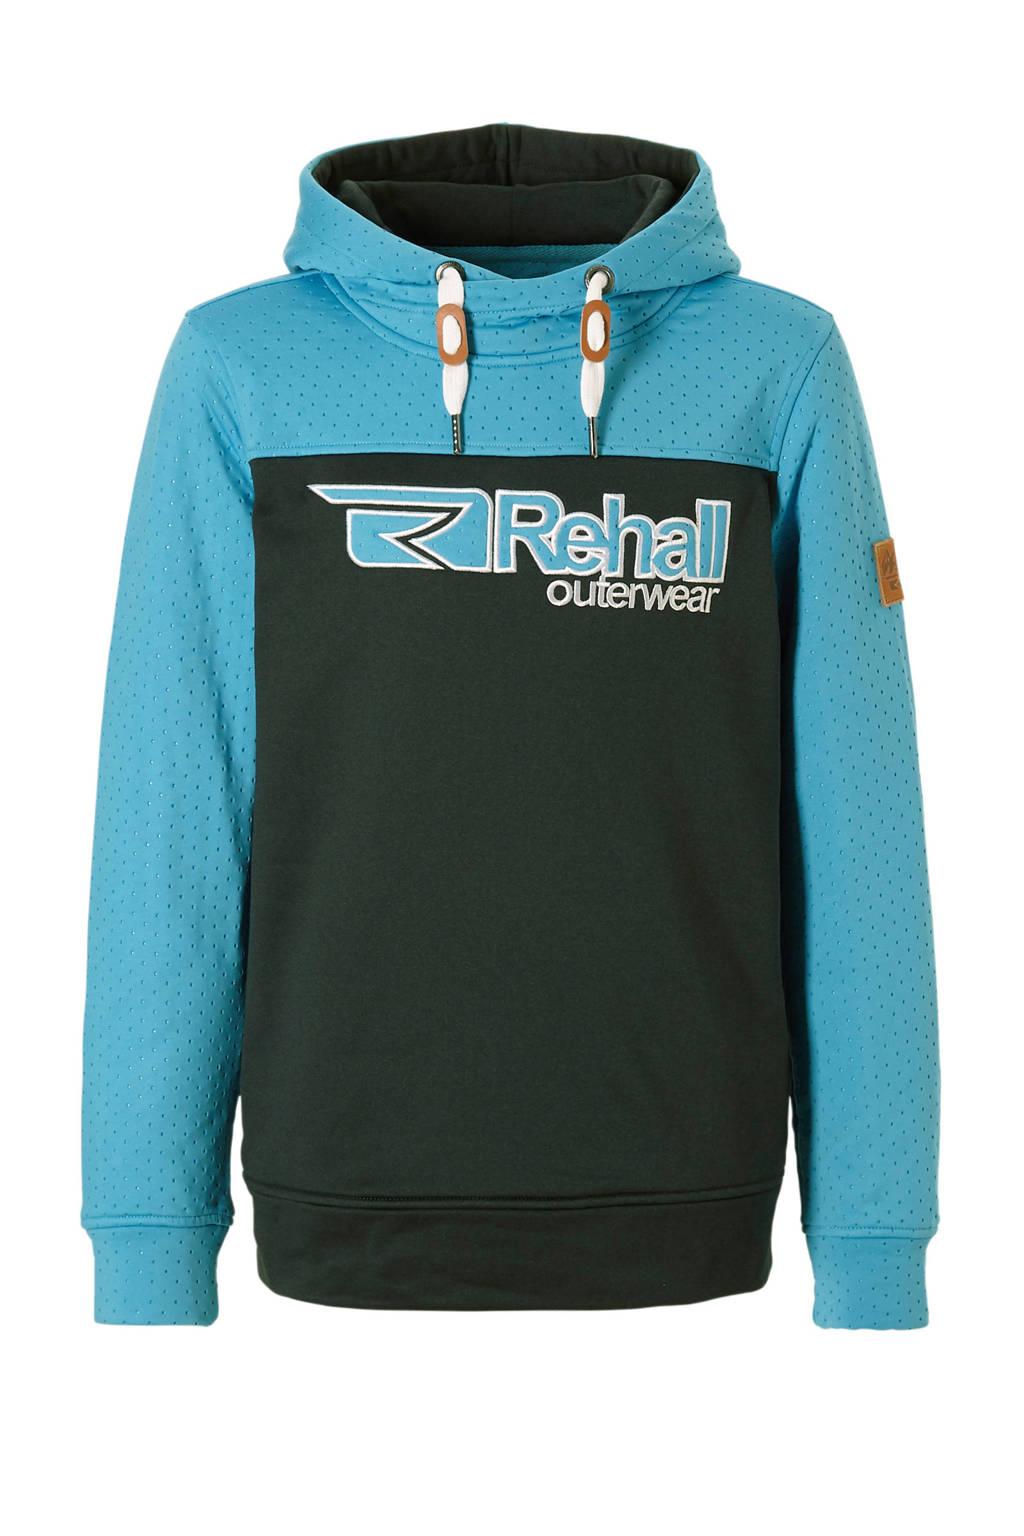 Rehall skisweater Adam-R blauw, Lichtblauw/zwart